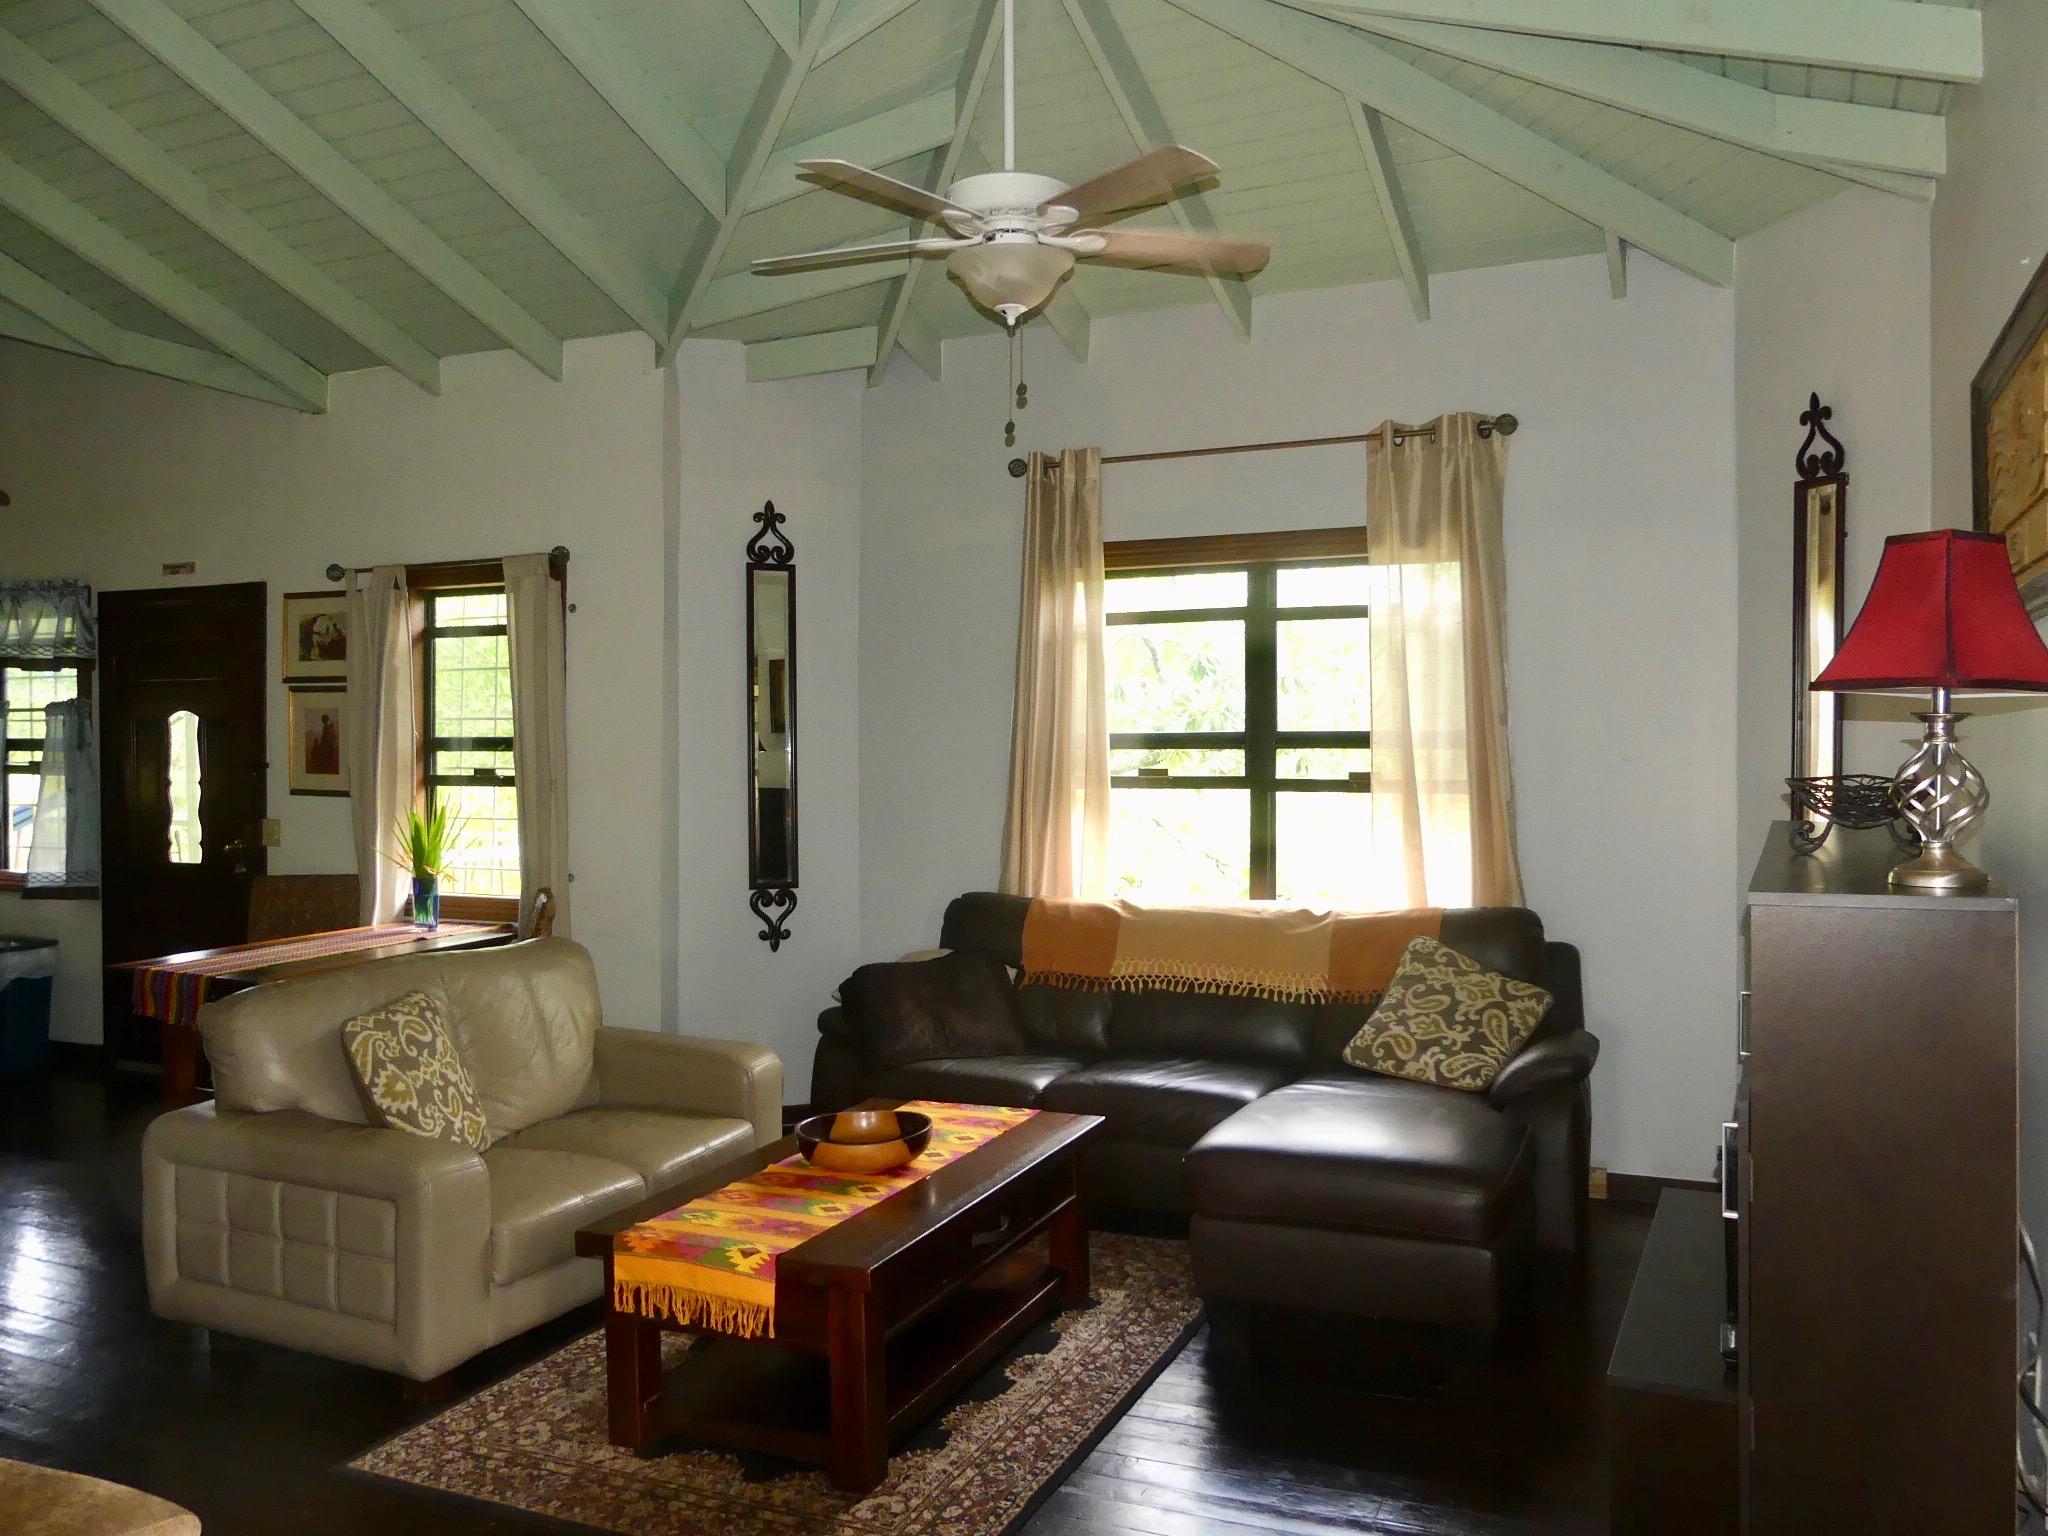 Upper Level: Living Room